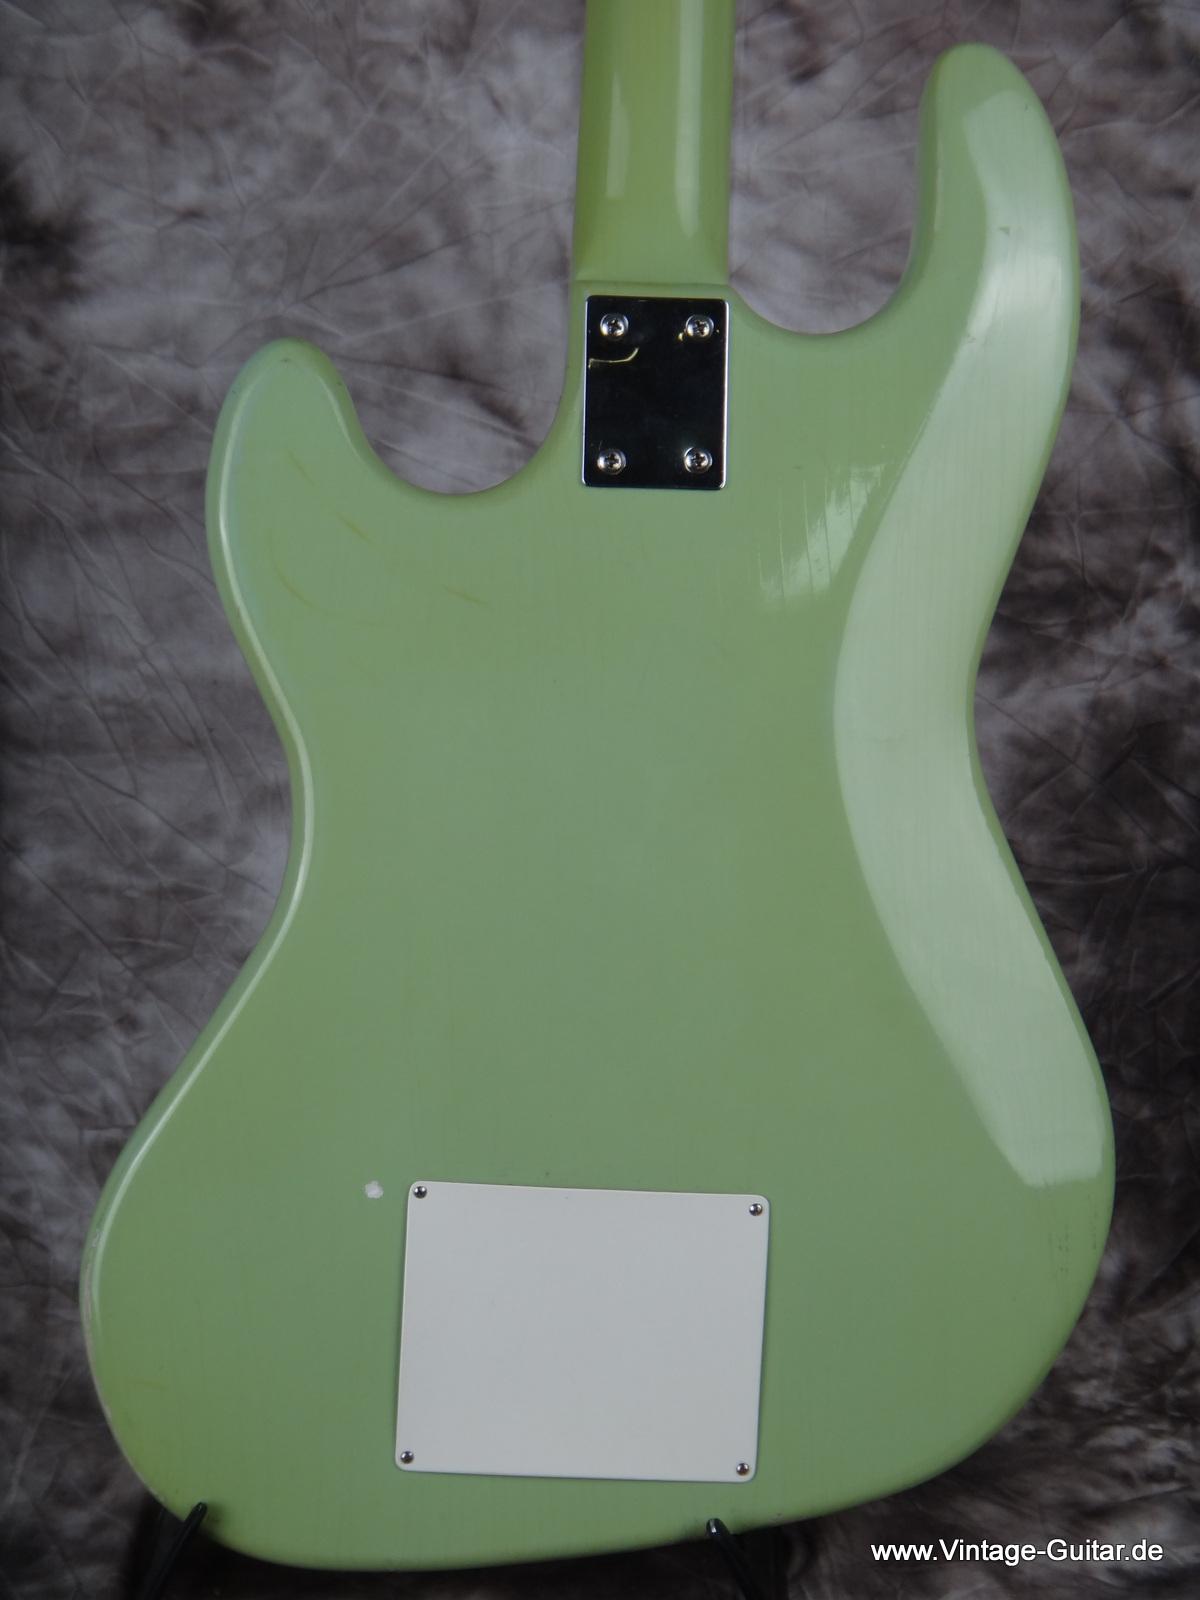 hofner model 175 1960 u0026 39 s surf green guitar for sale vintage guitar oldenburg